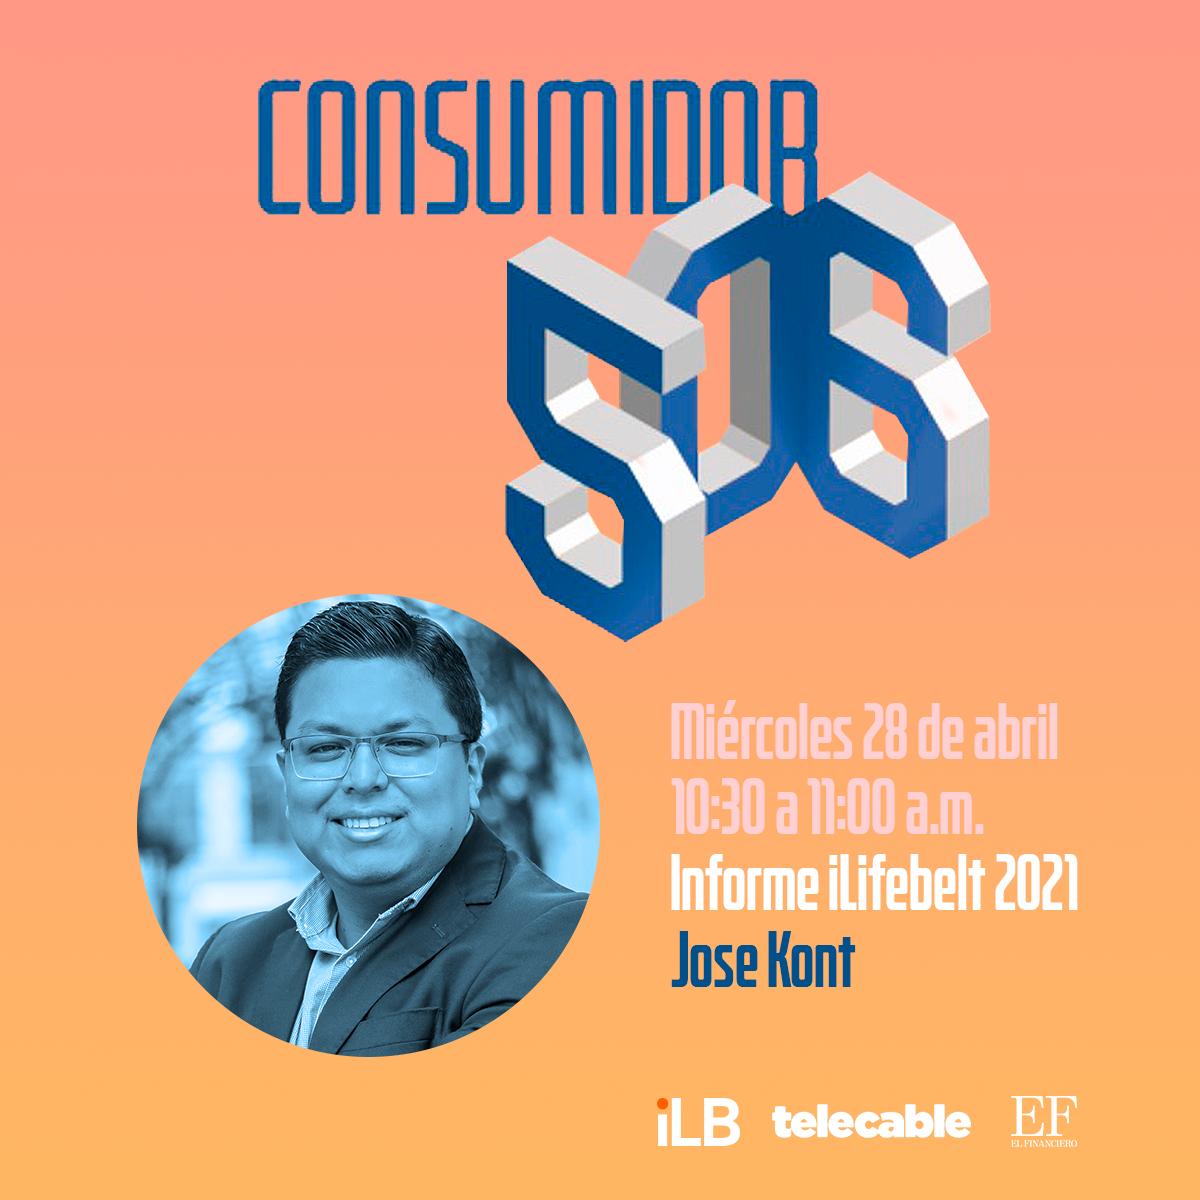 Consumidor 506 conferencia Jose Kont nuevo consumidor online en Costa Rica